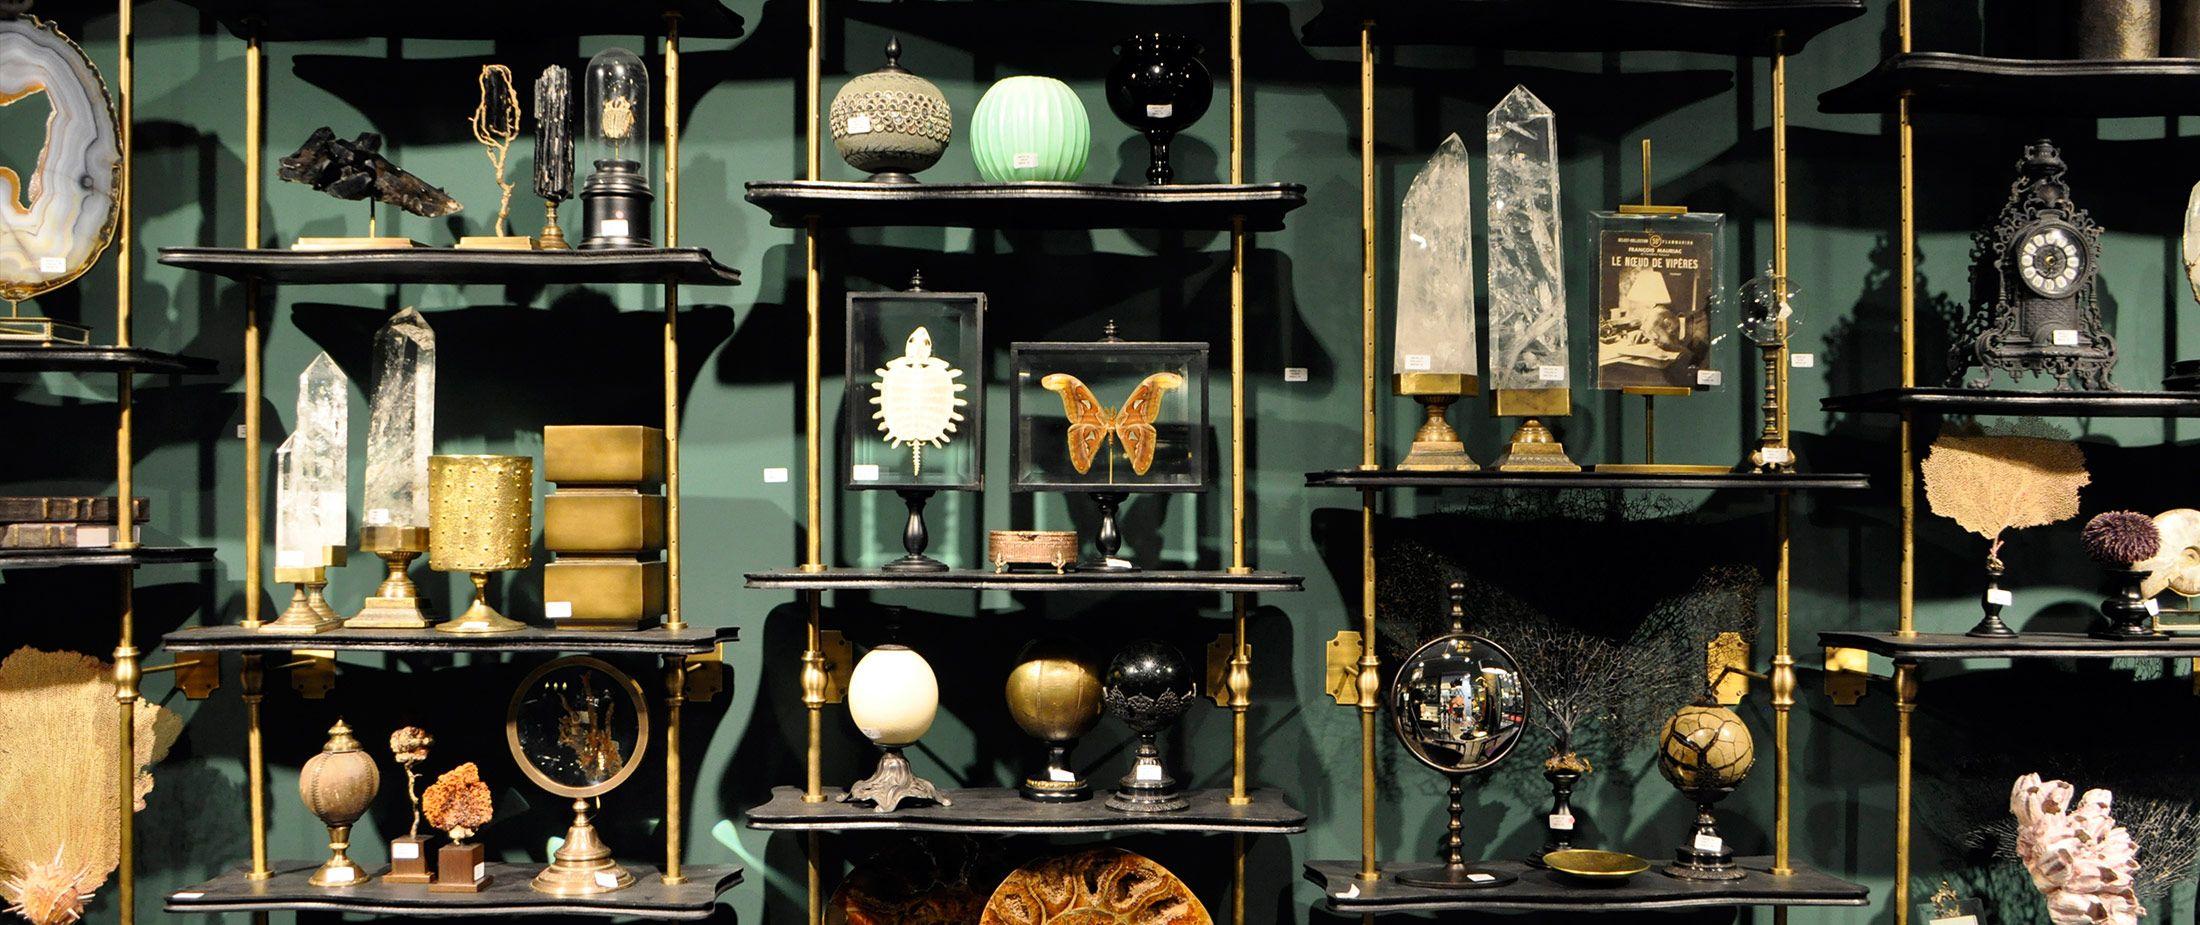 Objet de curiosit de co pinterest cabinet de curiosit s placards et - Cabinet de curiosite forum ...